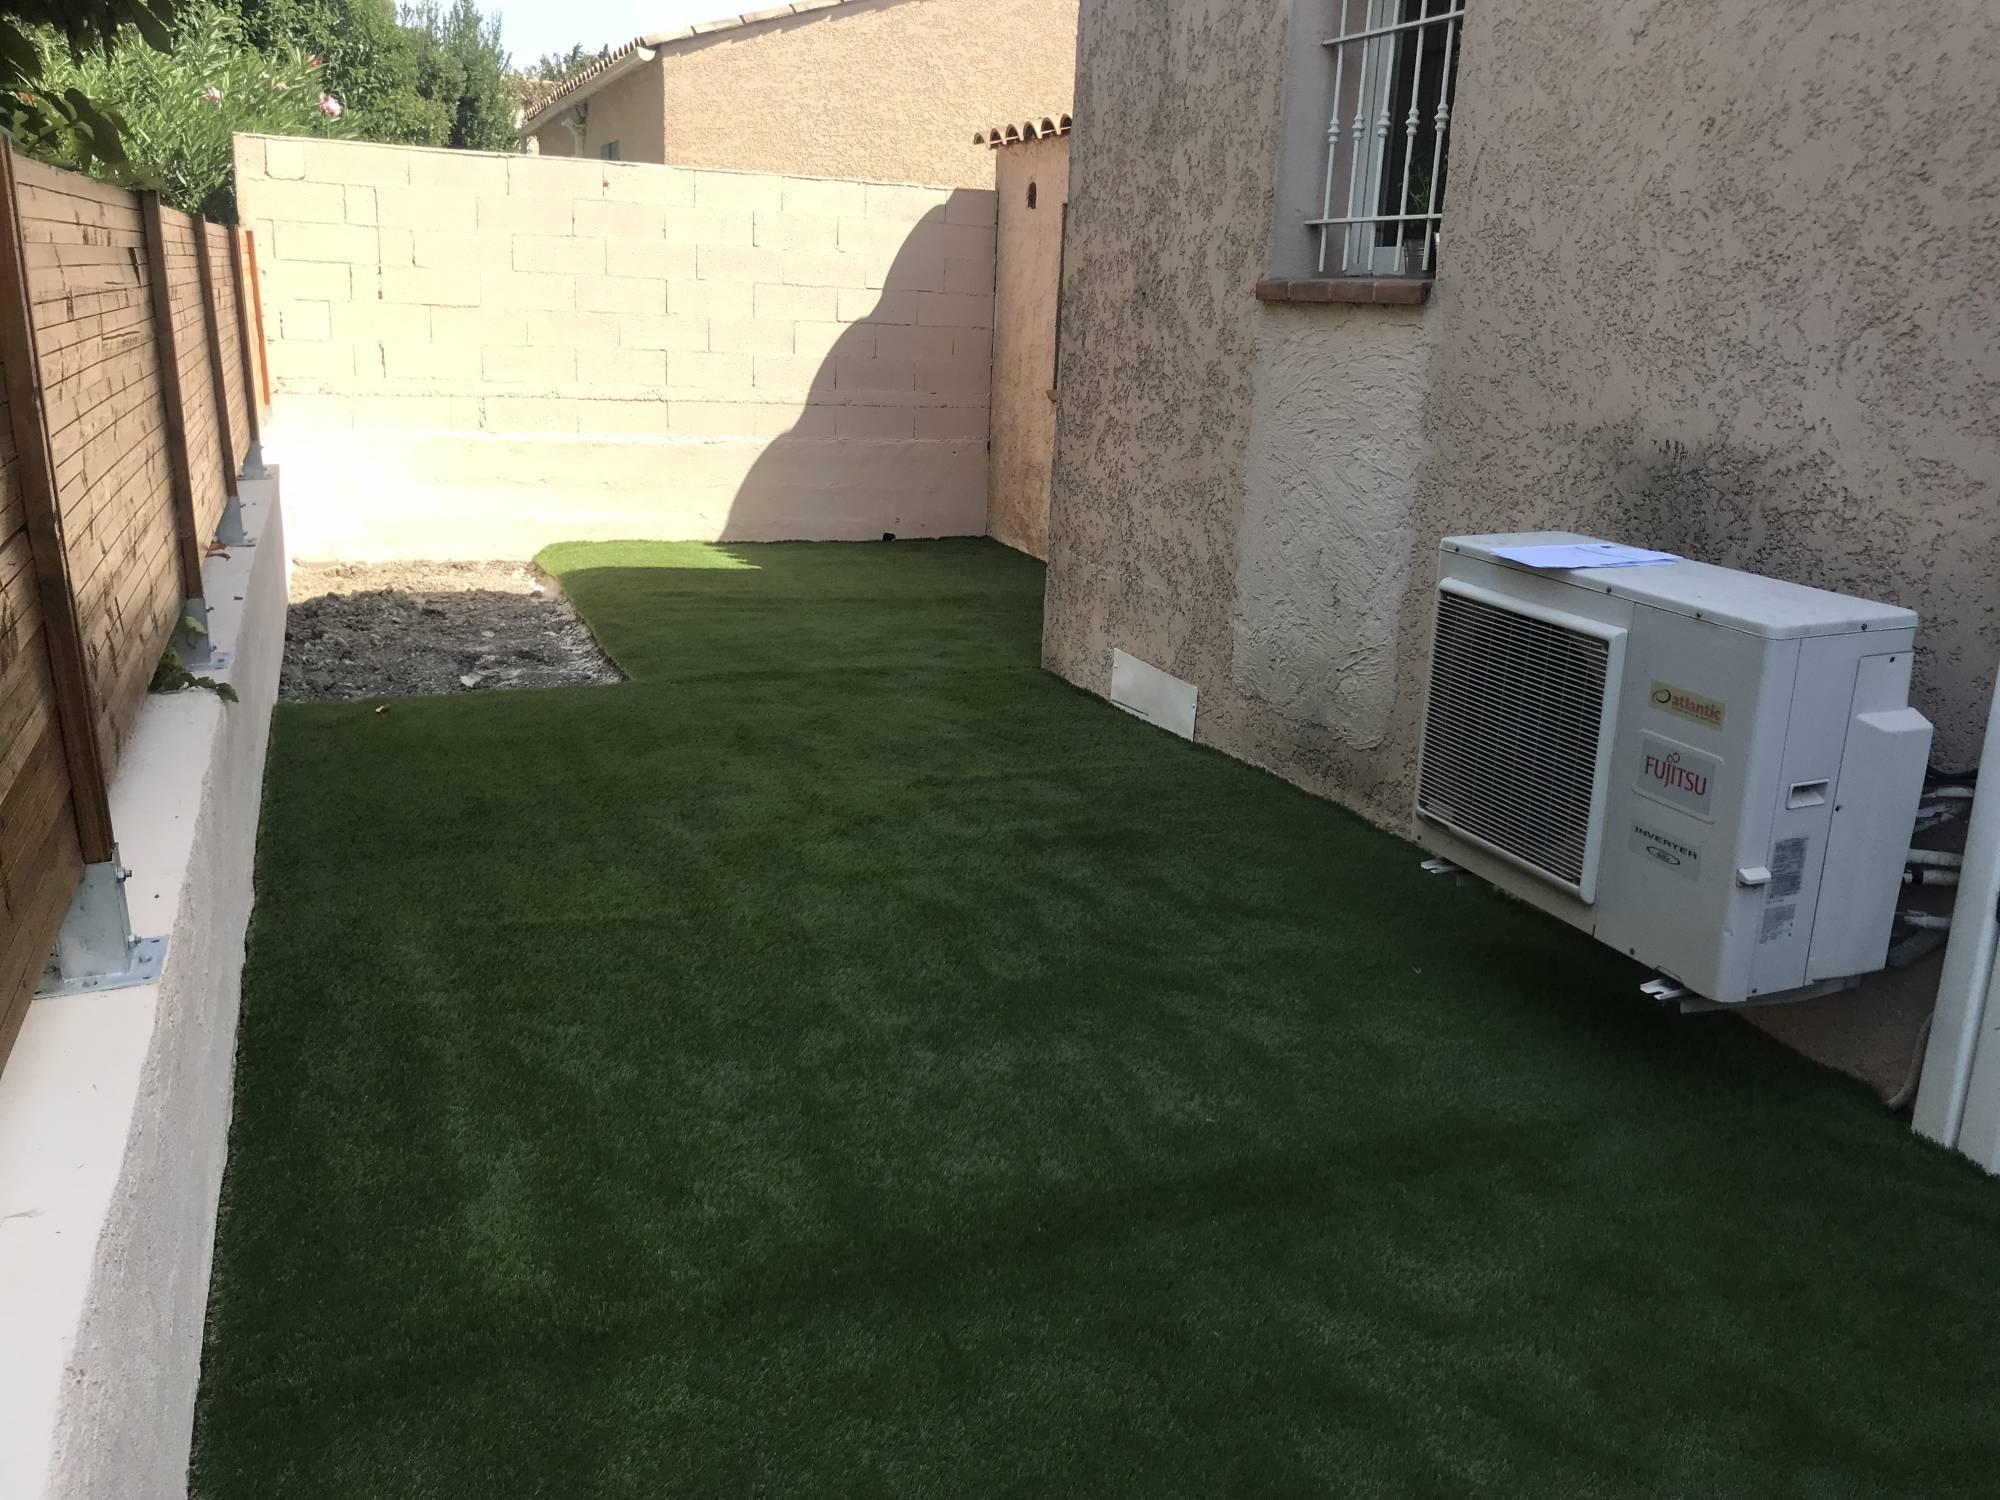 poser du gazon synthétique sur du gravier Gazon et pelouse ...